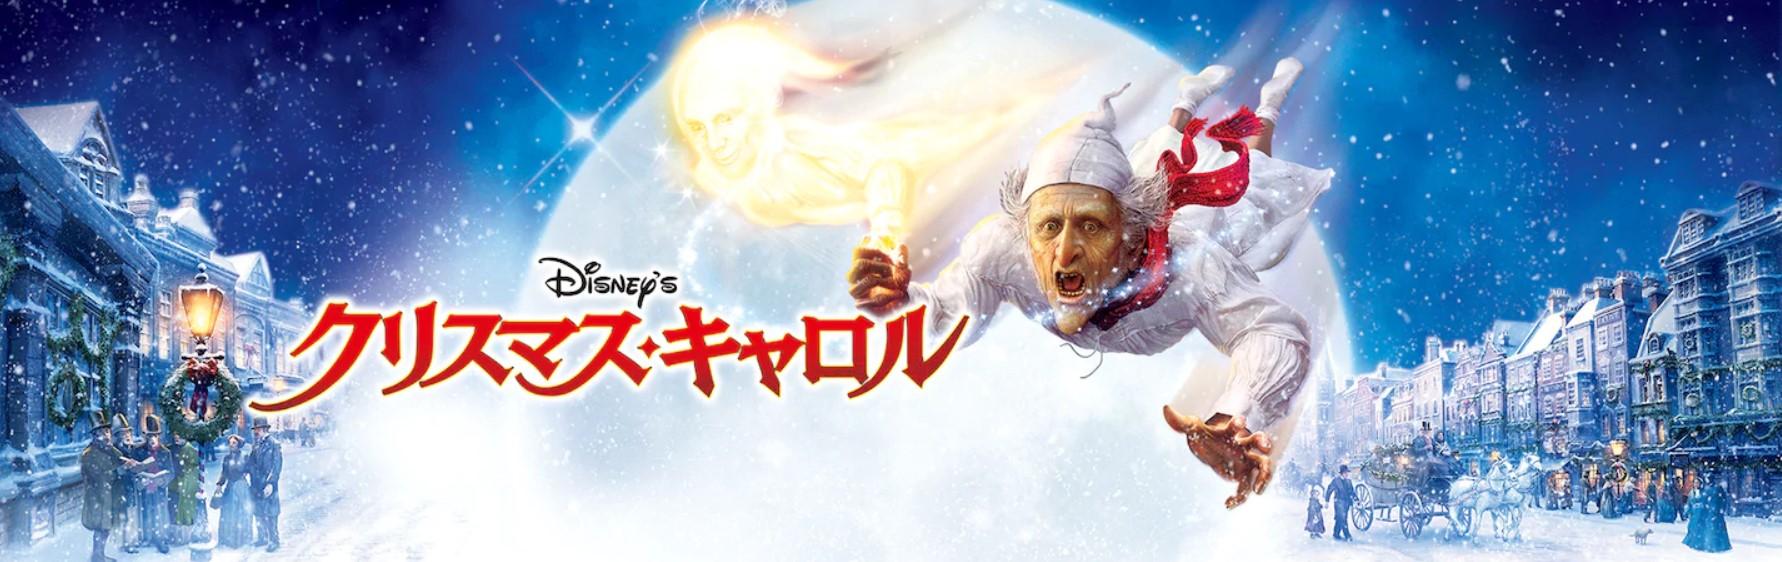 クリスマスキャロルの動画をフル視聴できる配信サービス14社比較!